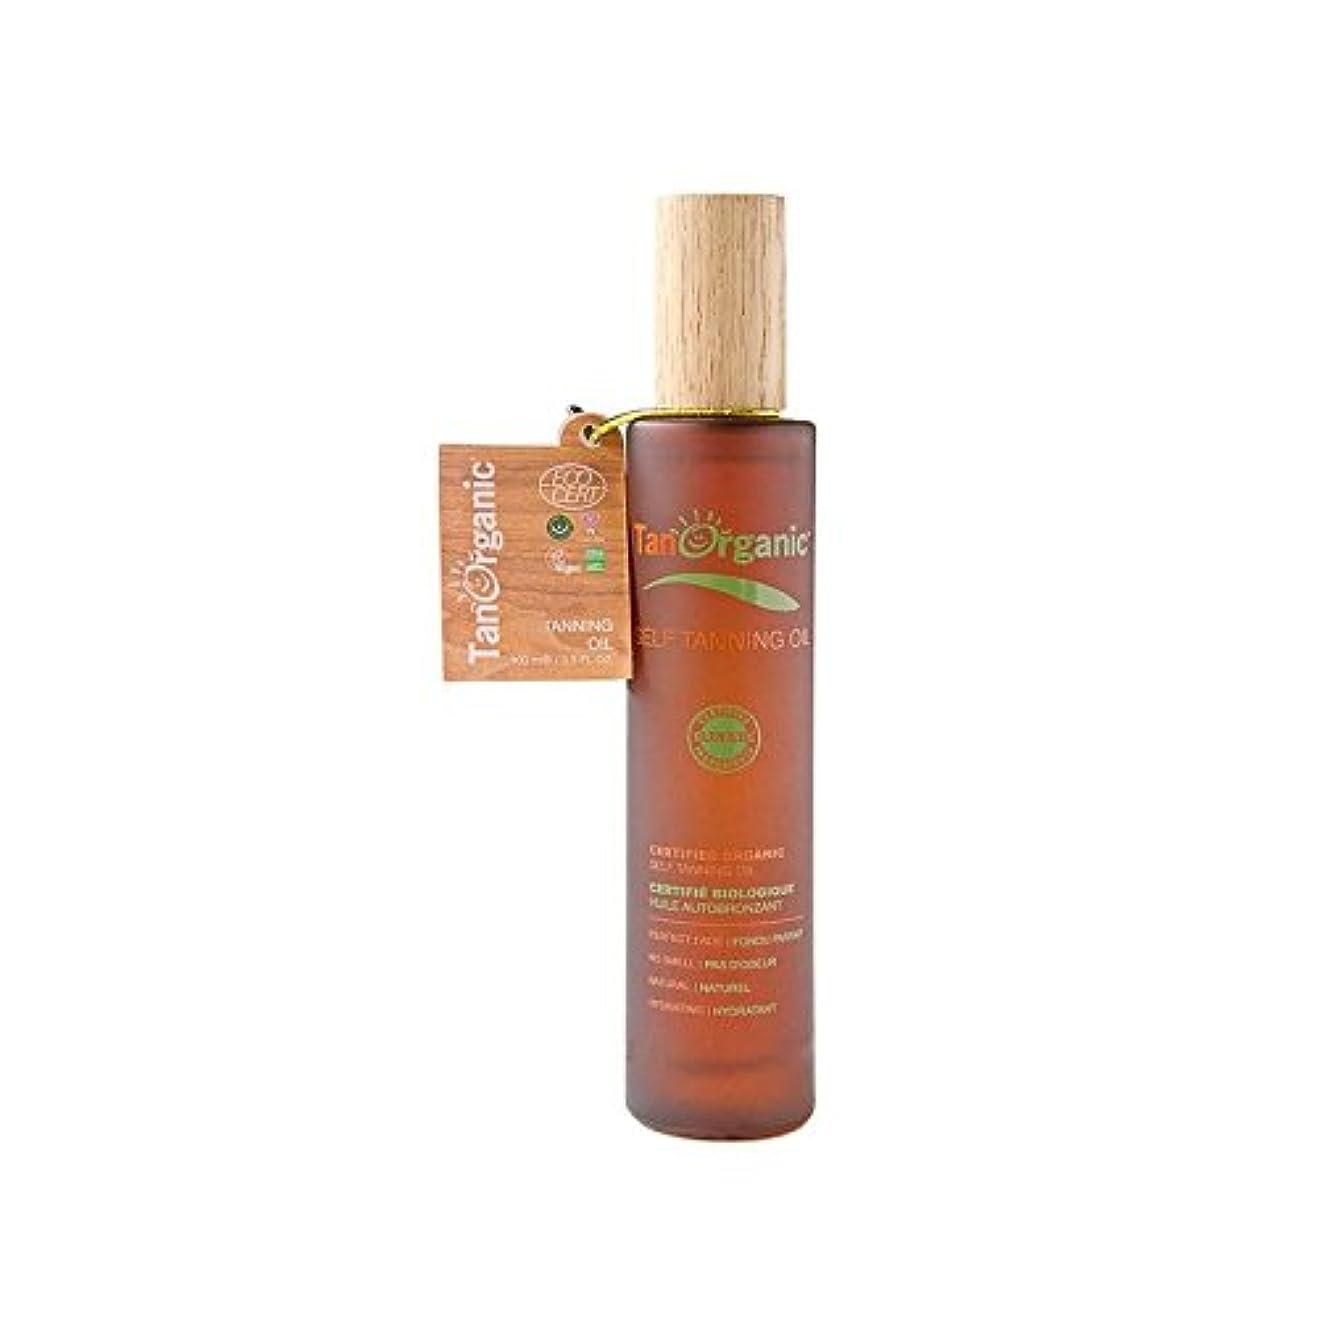 ほぼ繊細セメントTanorganic自己日焼け顔&ボディオイル (Tan Organic) (x 4) - TanOrganic Self-Tan Face & Body Oil (Pack of 4) [並行輸入品]